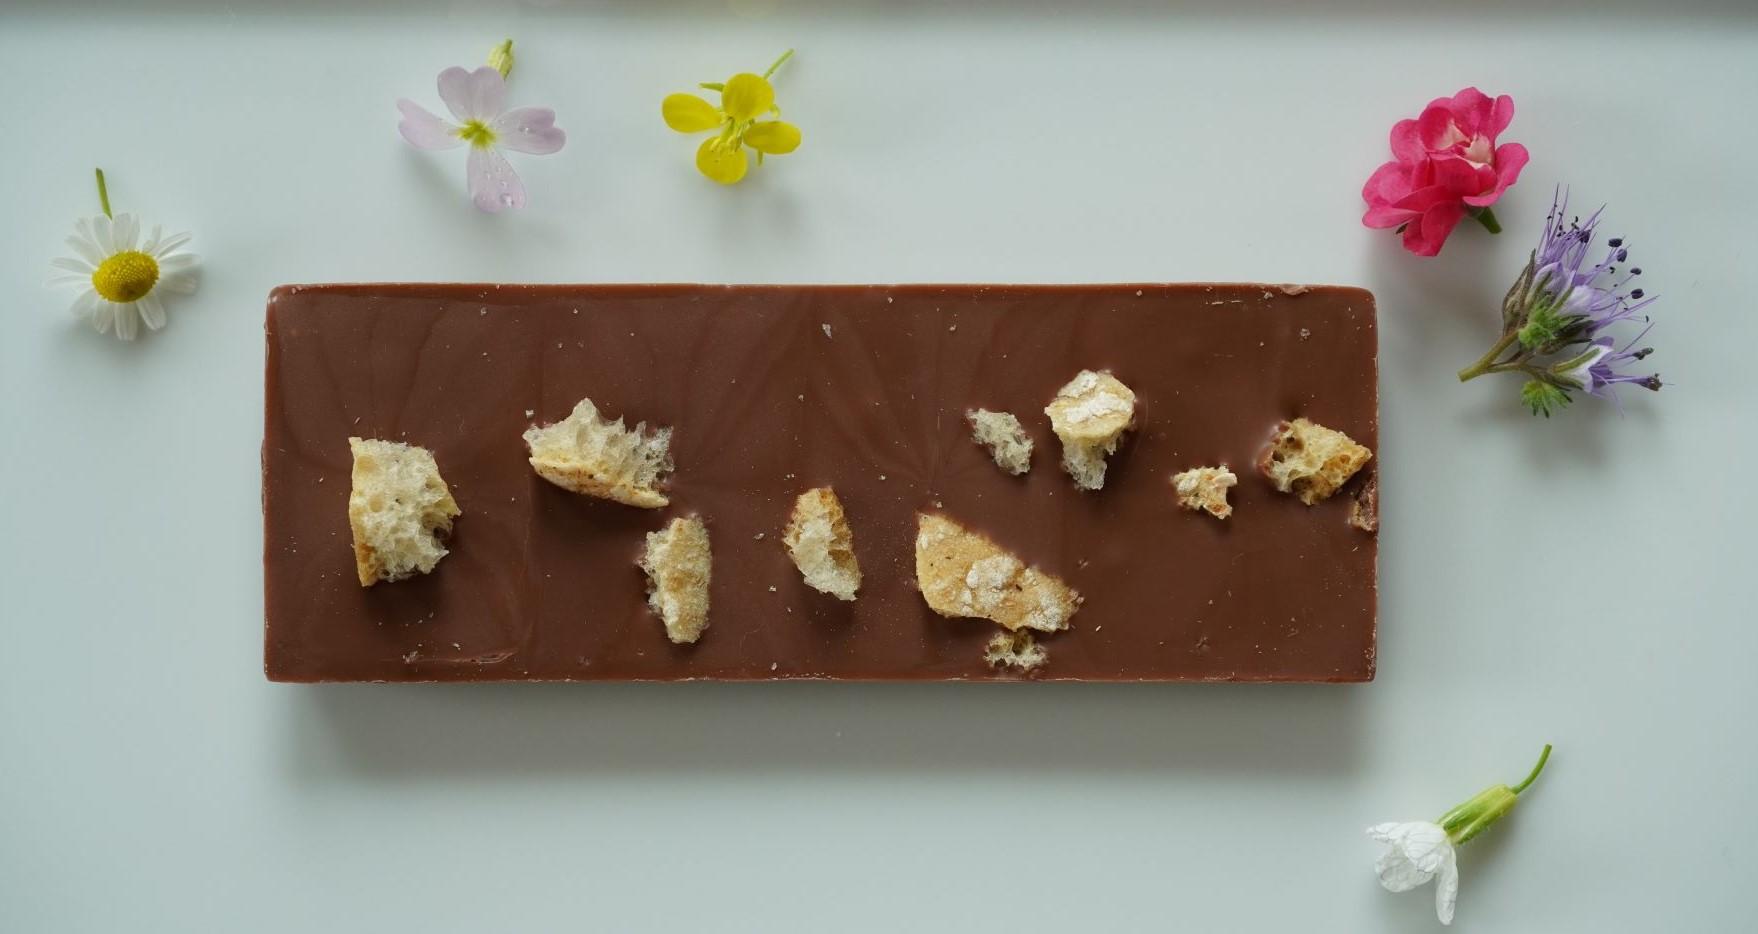 Tiroler Edle Schokolade mit Schüttelbrot